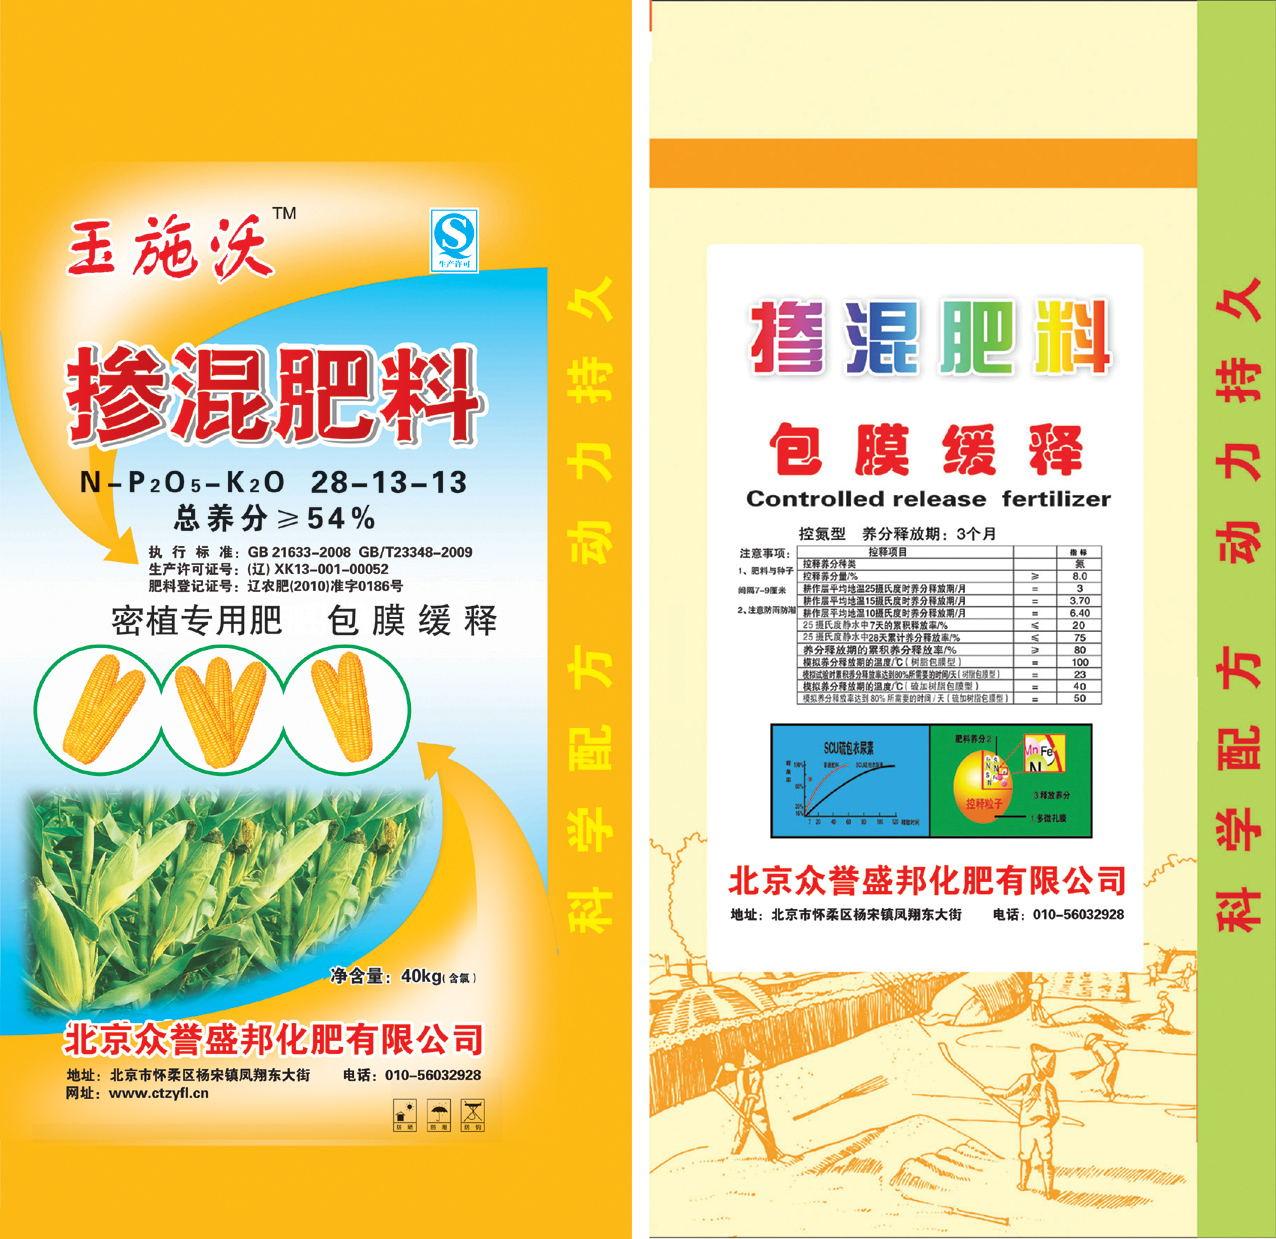 玉施沃掺混肥料 密植专用肥 薄膜缓释总养分大于或等于百分之54北京众誉盛邦化肥有限公司